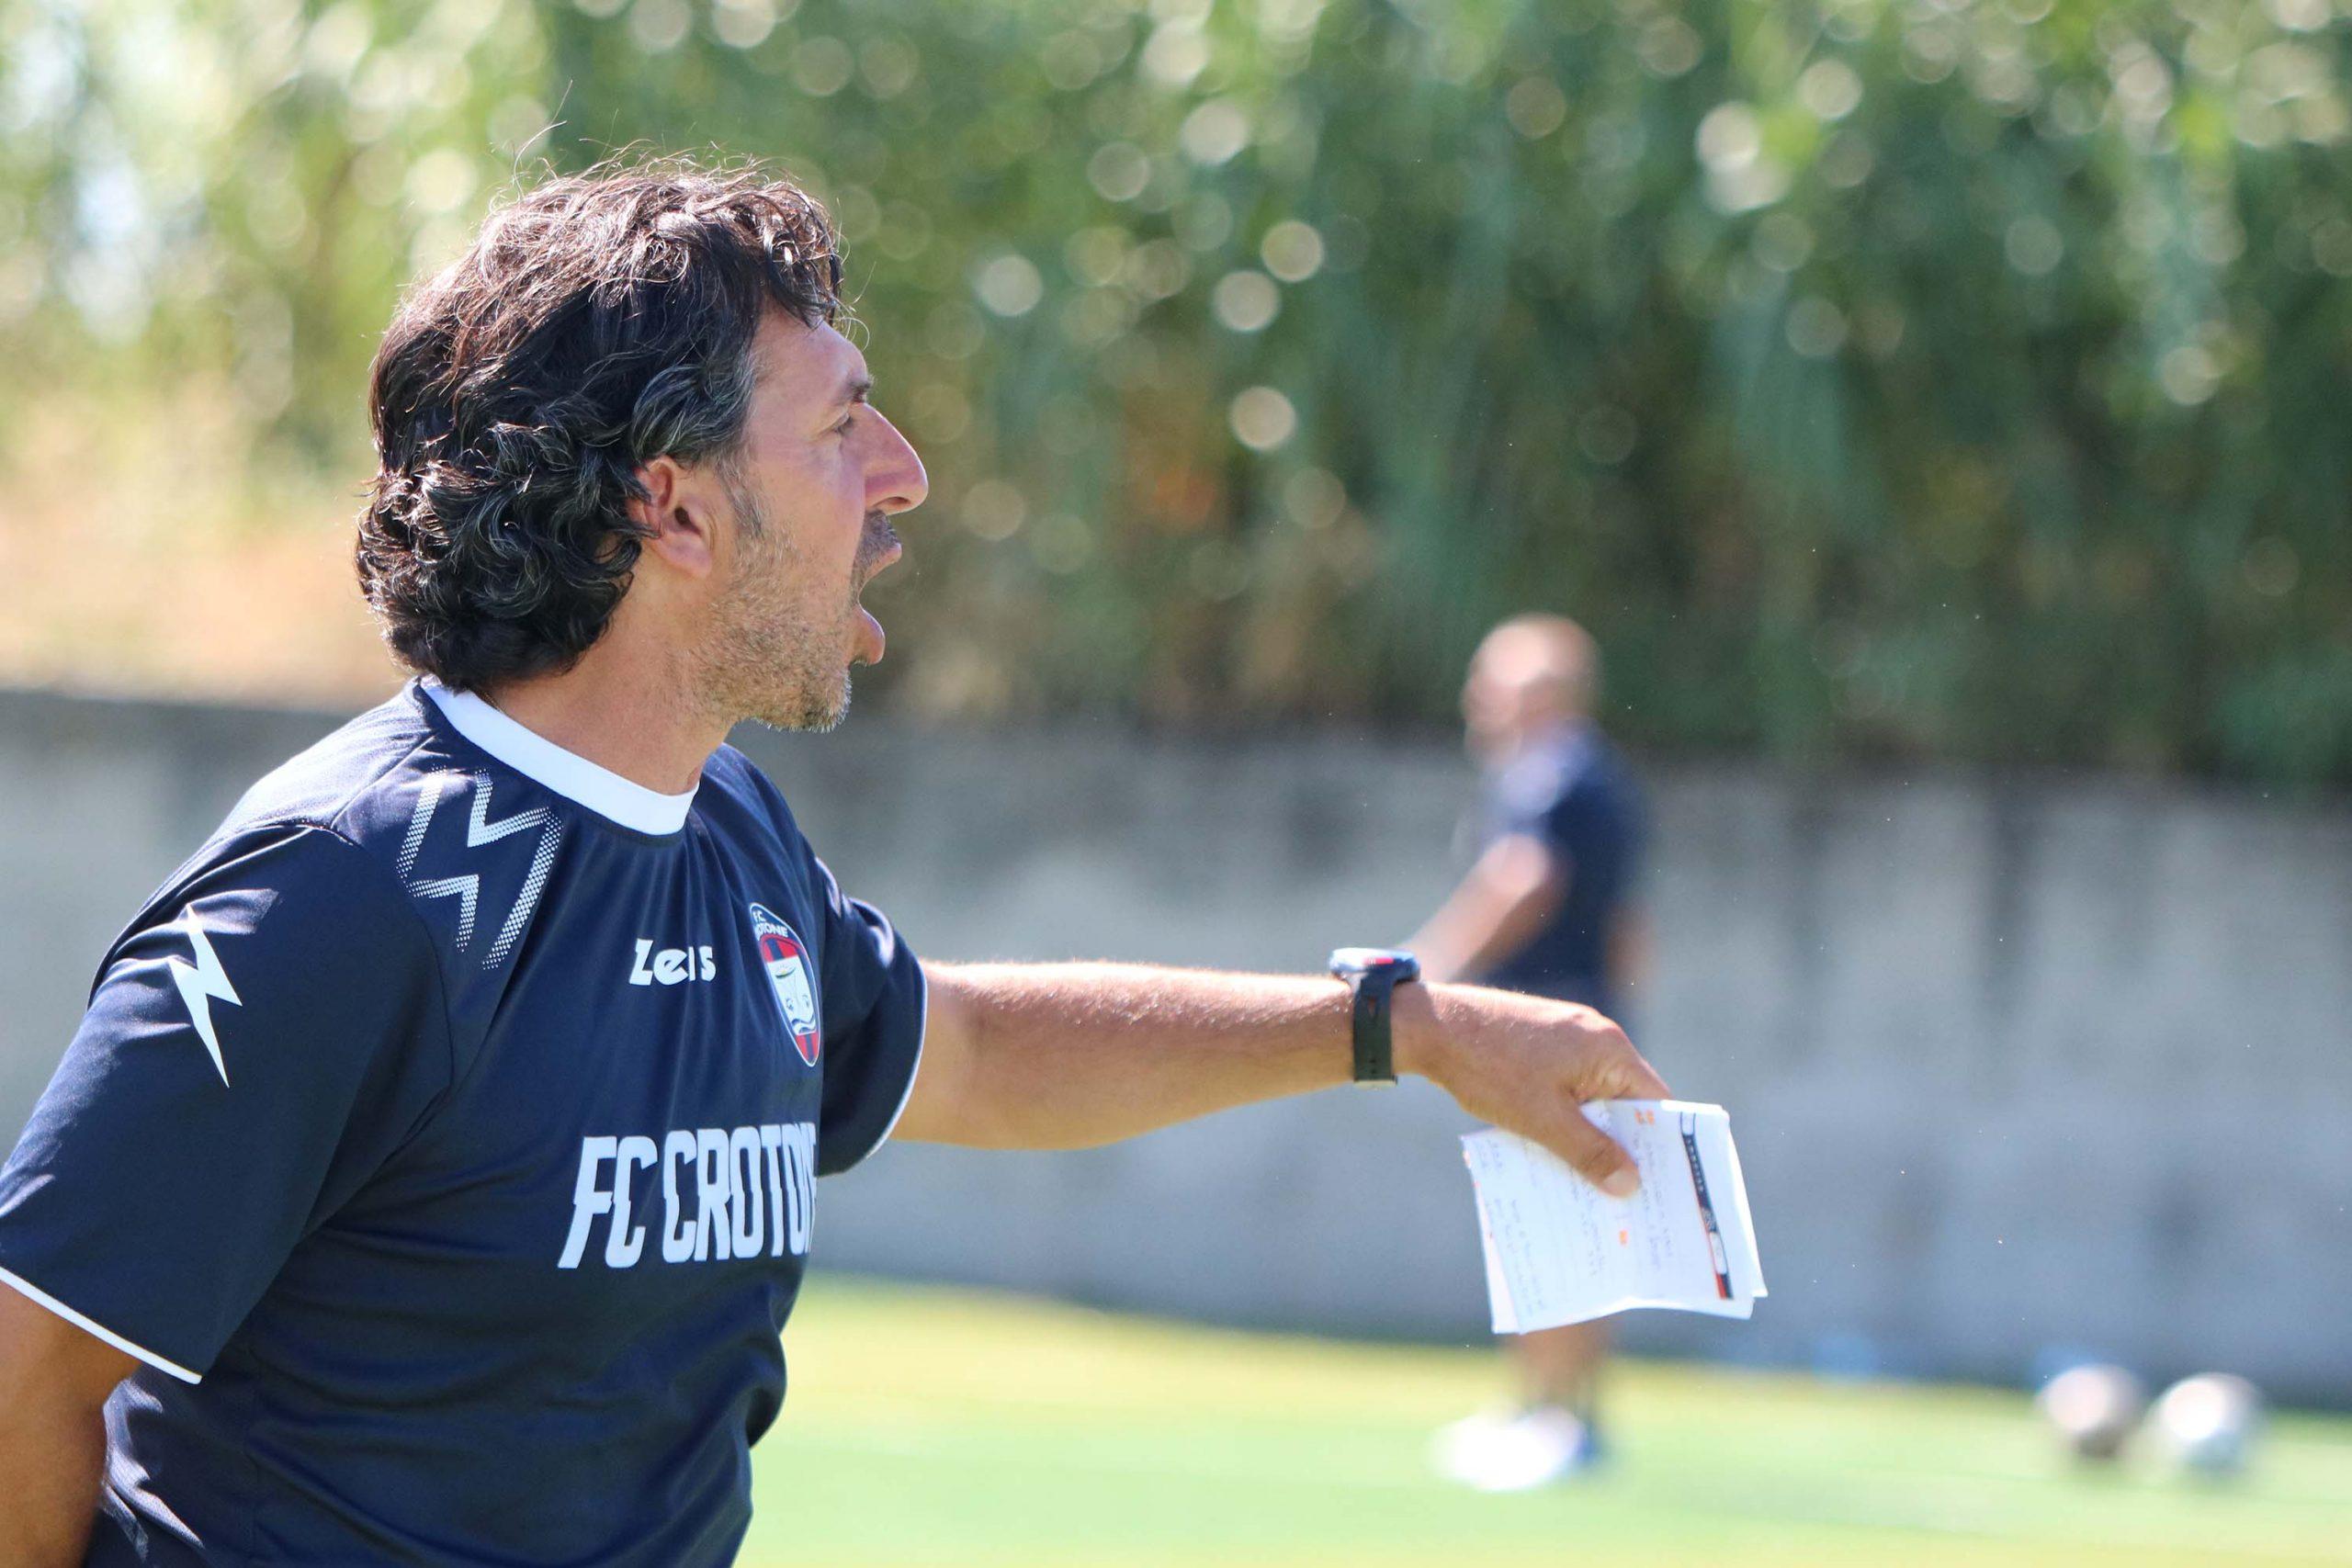 Ultima amichevole pre-campionato per la primavera: Catanzaro-Crotone 0-0